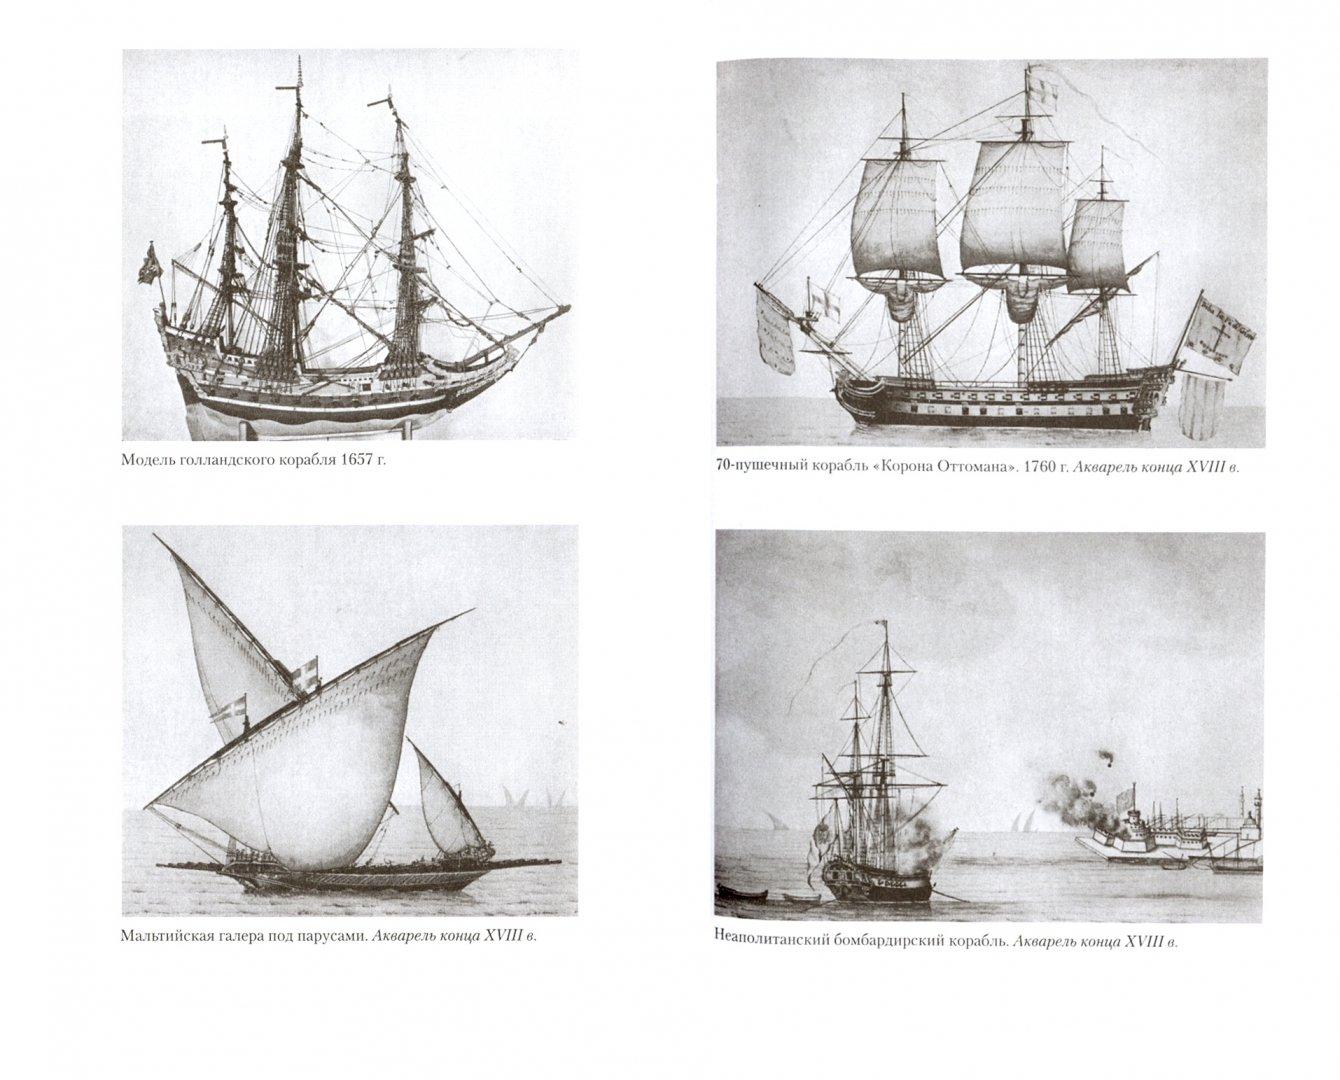 Иллюстрация 1 из 6 для Сражения великих держав в Средиземном море - Ромола Андерсон | Лабиринт - книги. Источник: Лабиринт